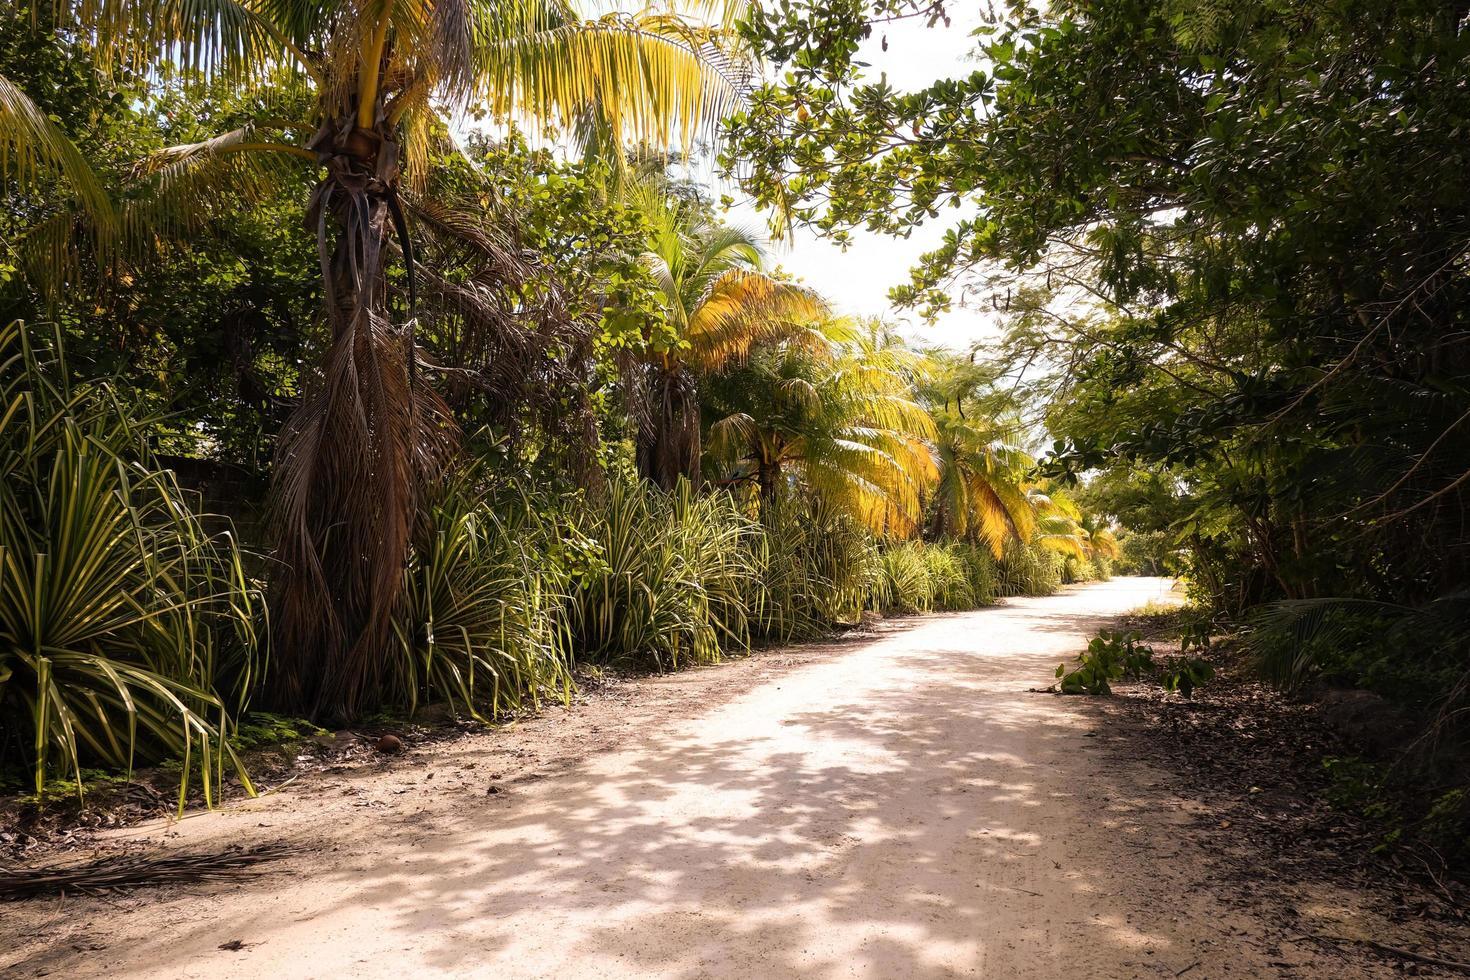 onverharde weg door palmbomen foto